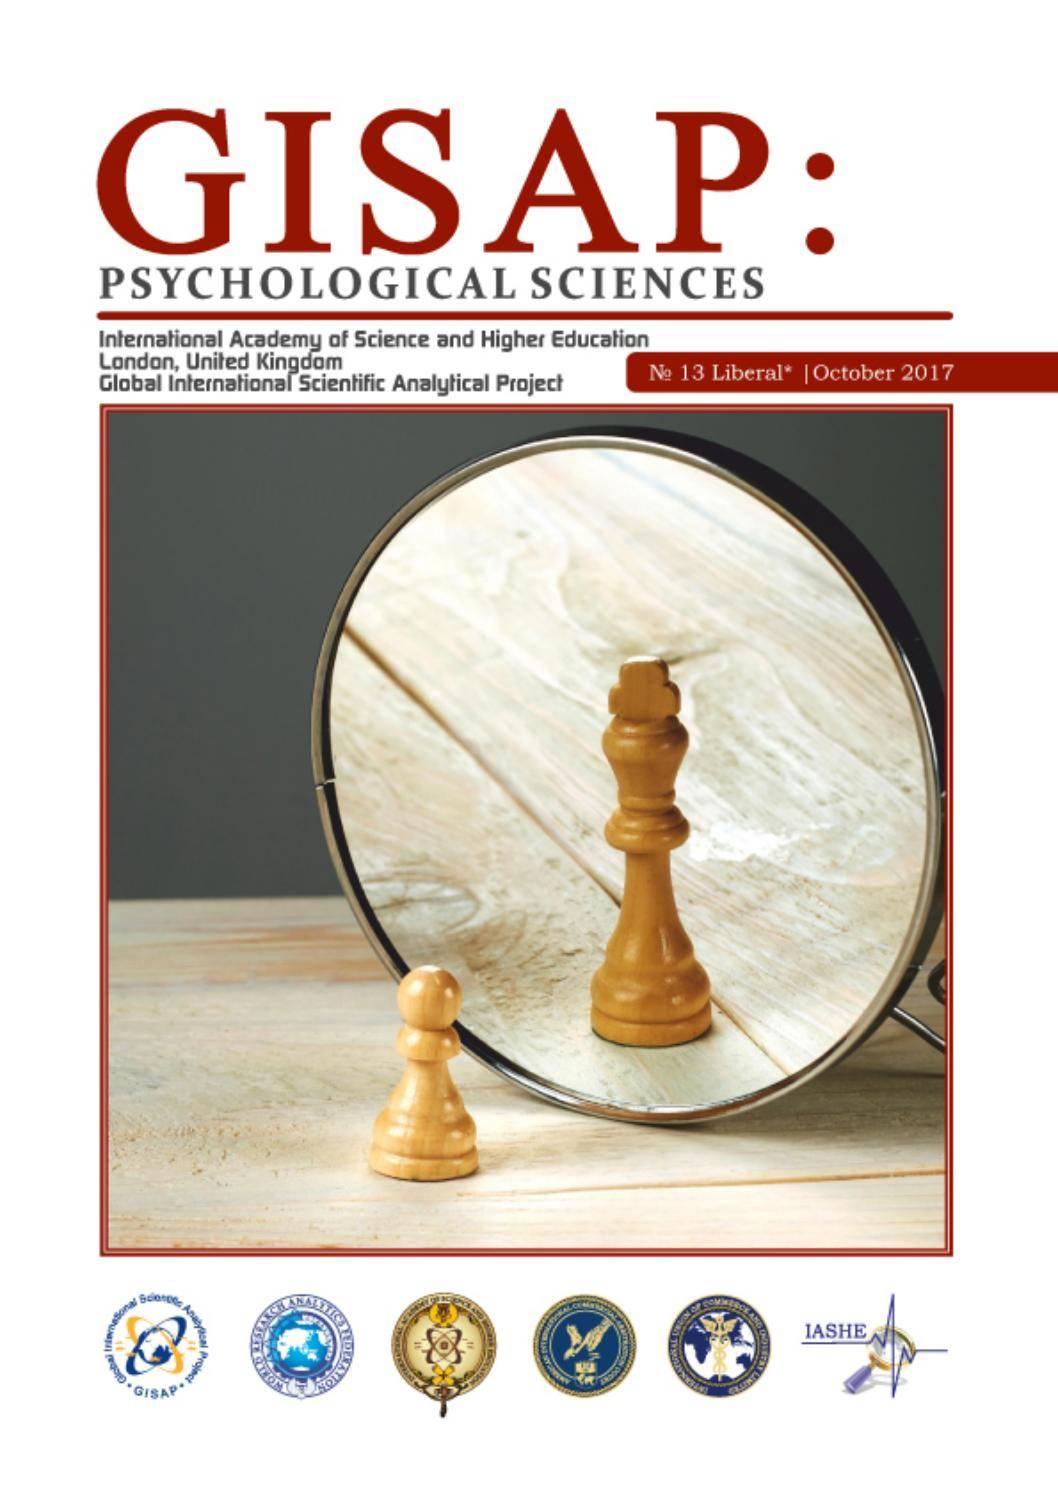 Остановка внутреннего диалога — 3 | психология без соплей | авторские статьи, консультации, семинары, тренинги онлайн